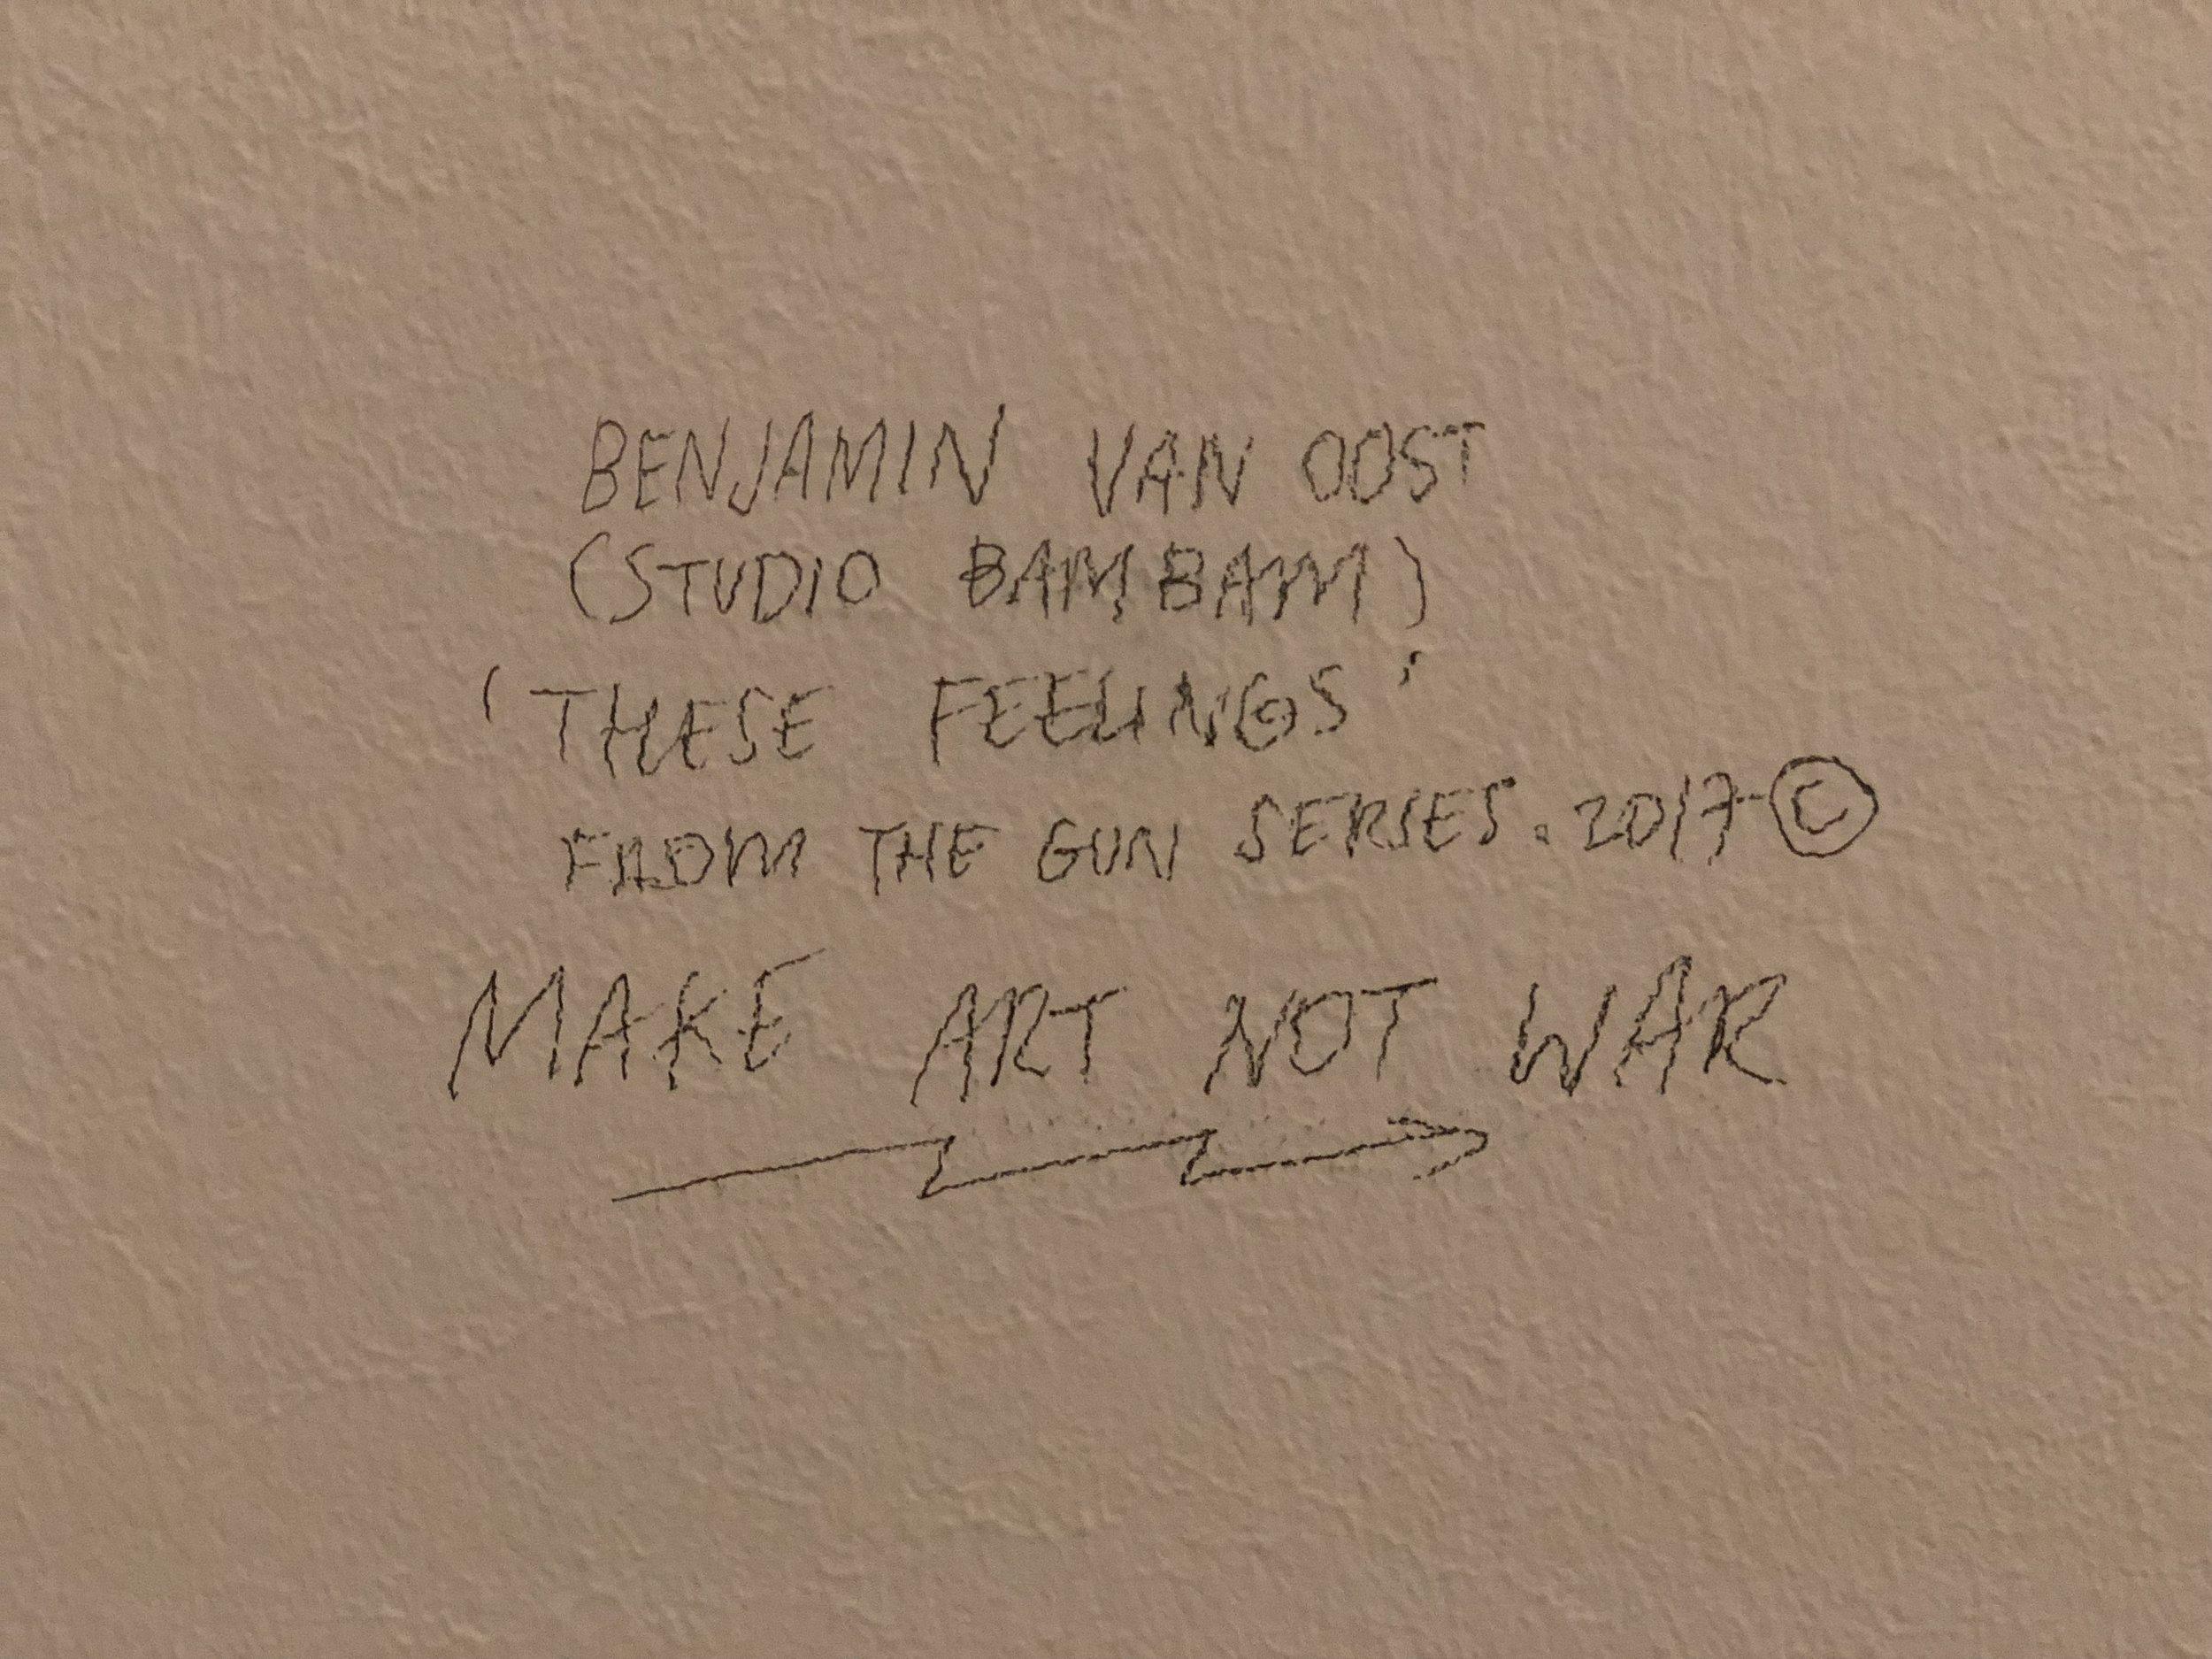 art not war2.JPG